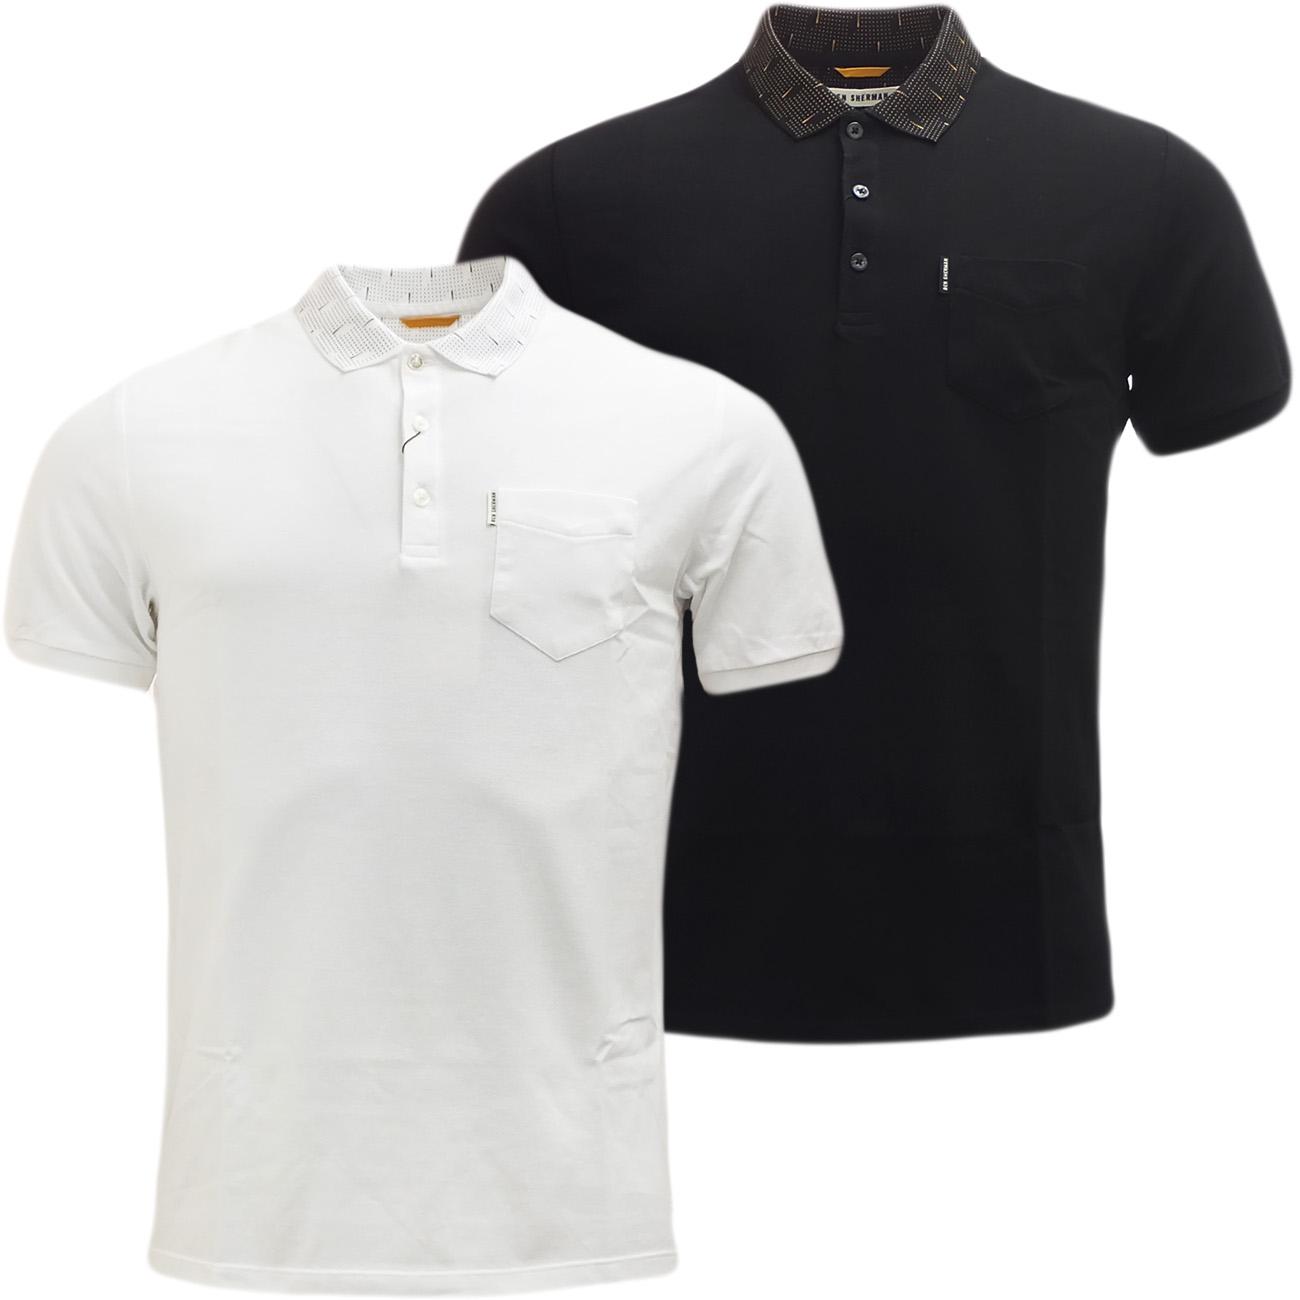 Ben Sherman Plain Polo Shirt